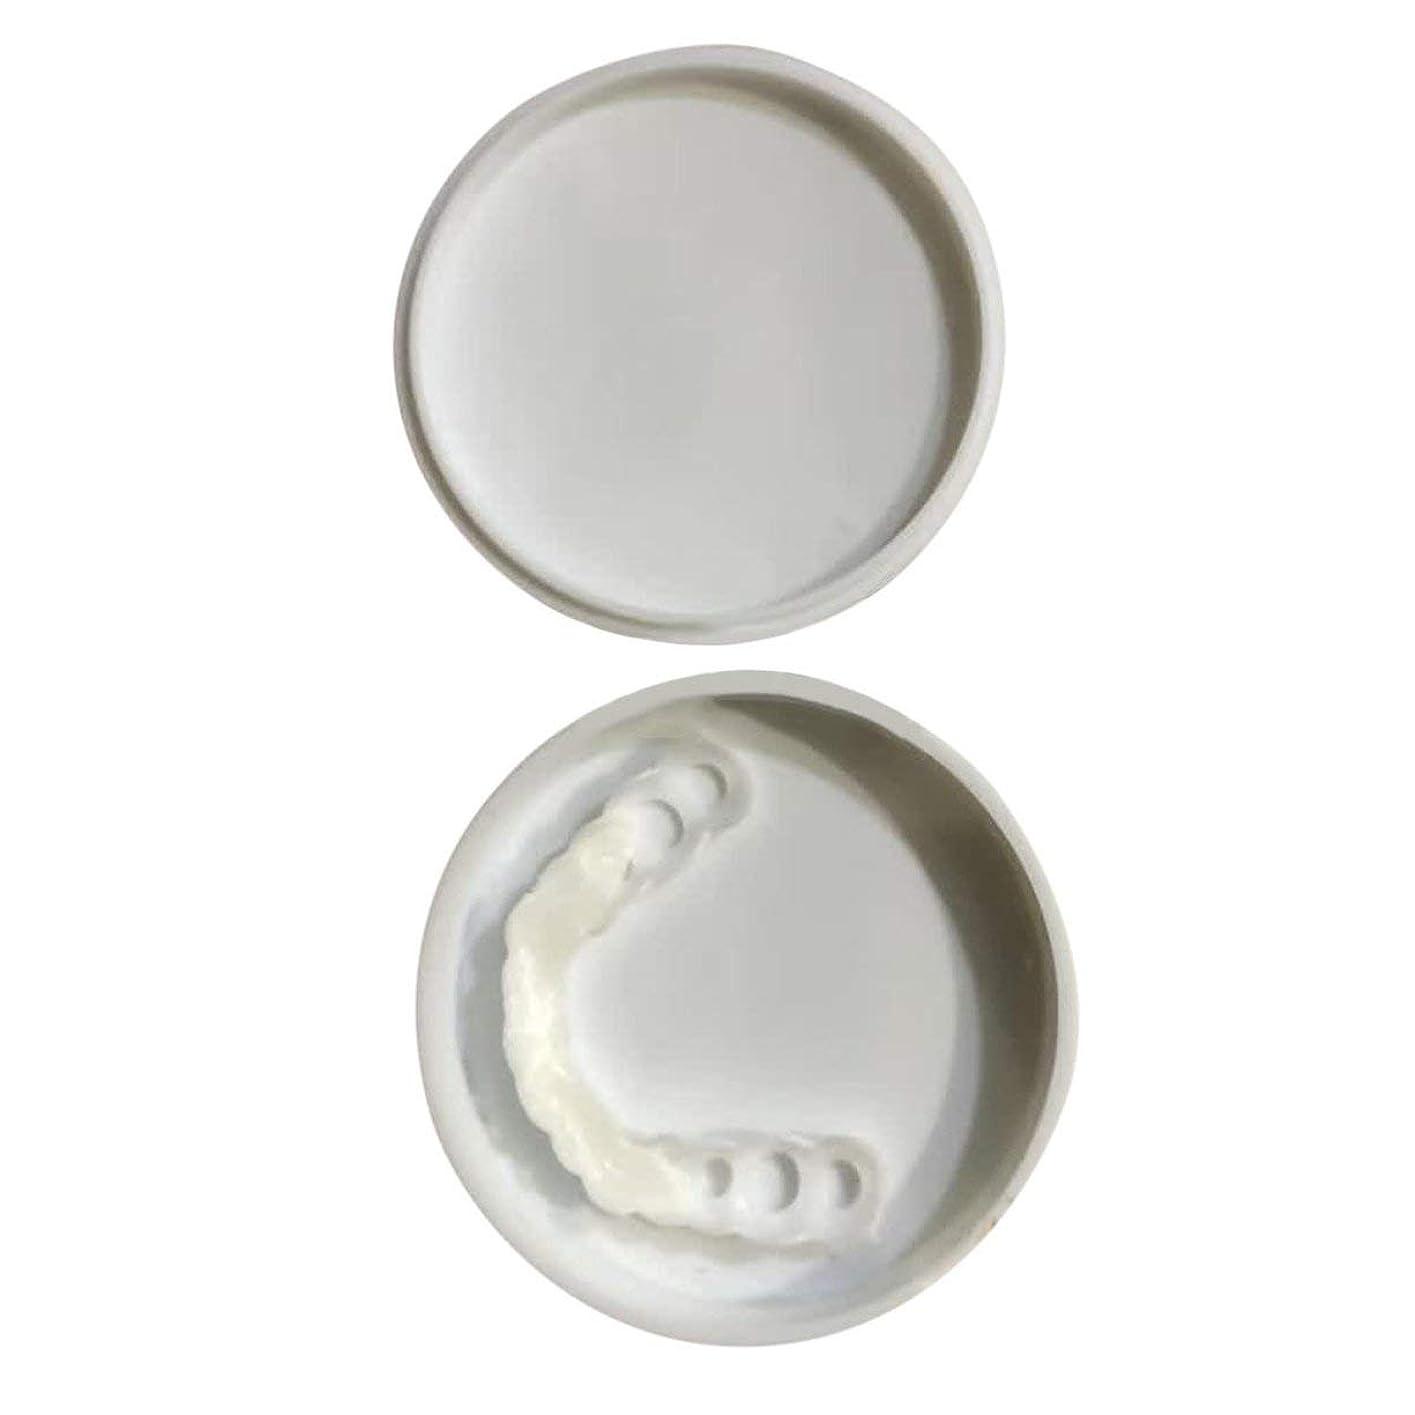 ウイルス上流の迫害快適なスナップオン男性女性歯インスタントパーフェクトスマイルコンフォートフィットフレックス歯フィットホワイトニング笑顔偽歯カバー - ホワイト